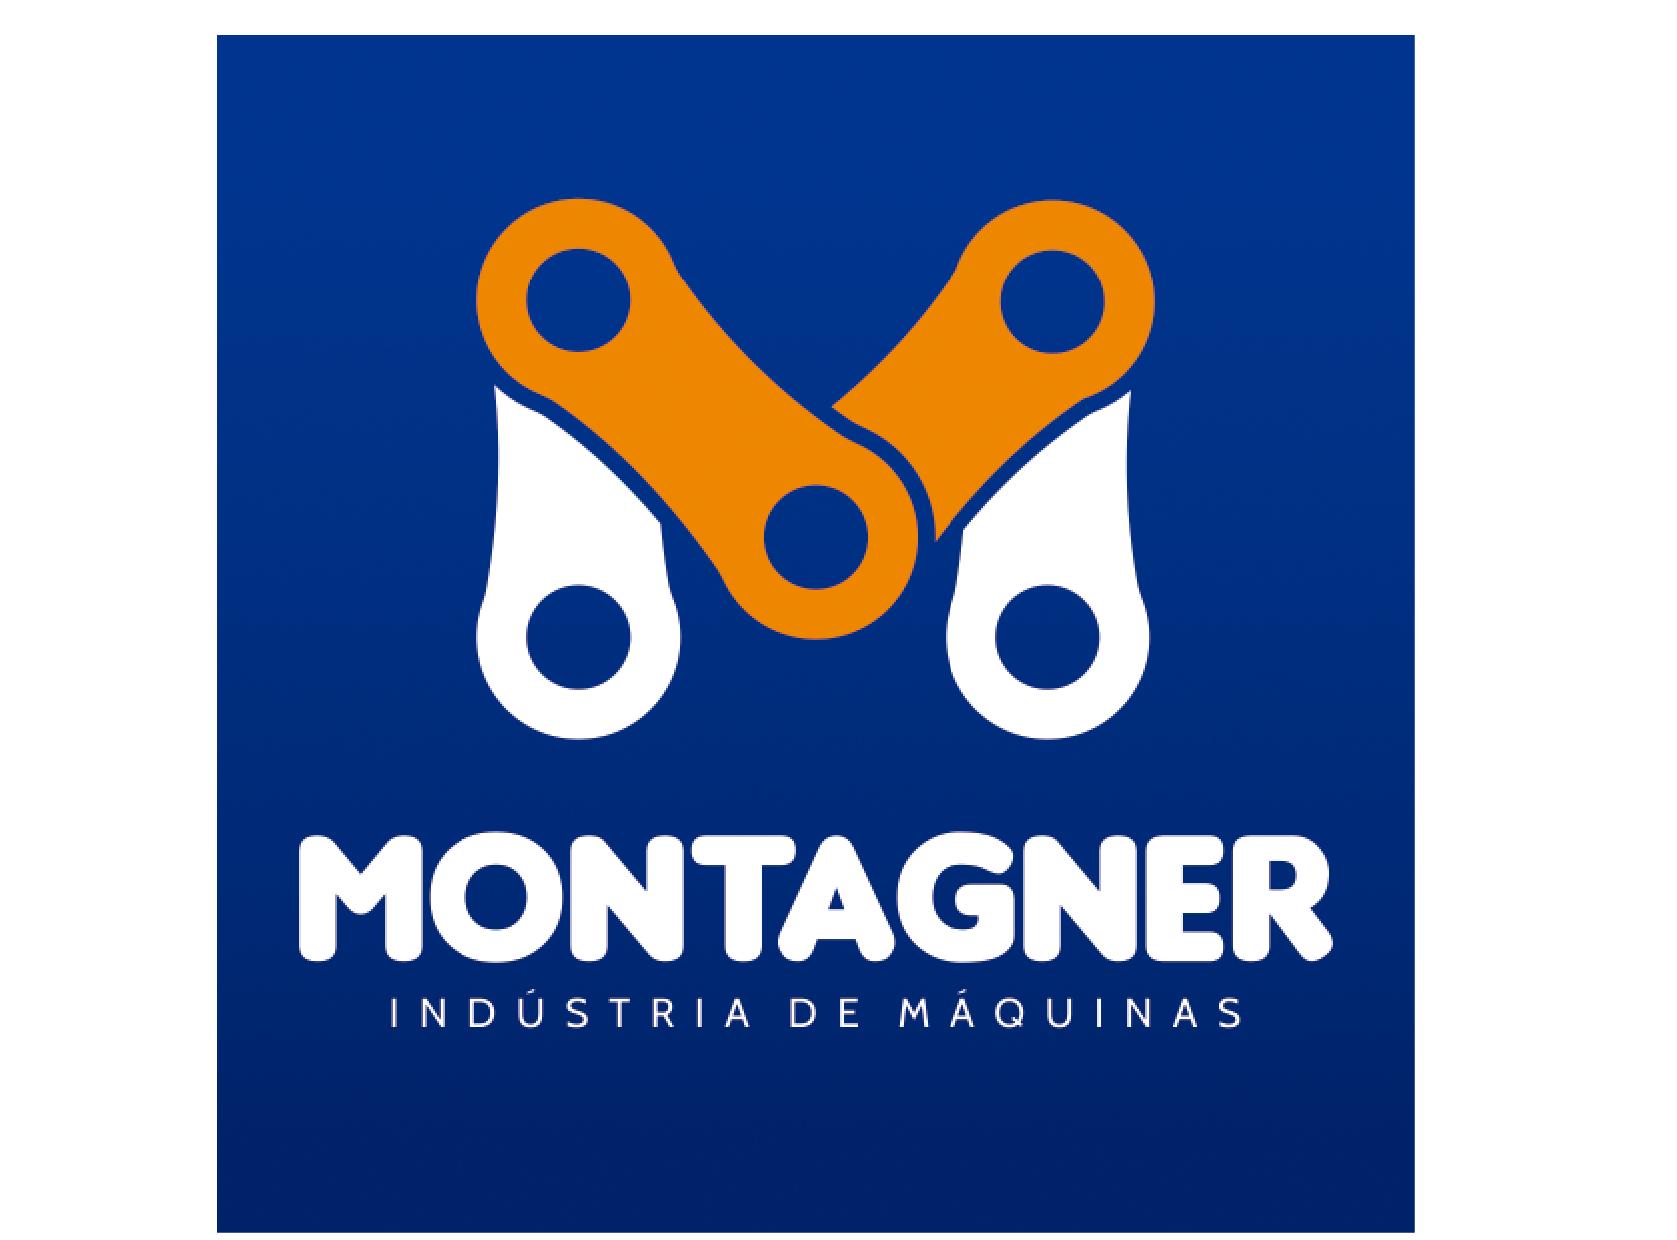 MONTAGNER